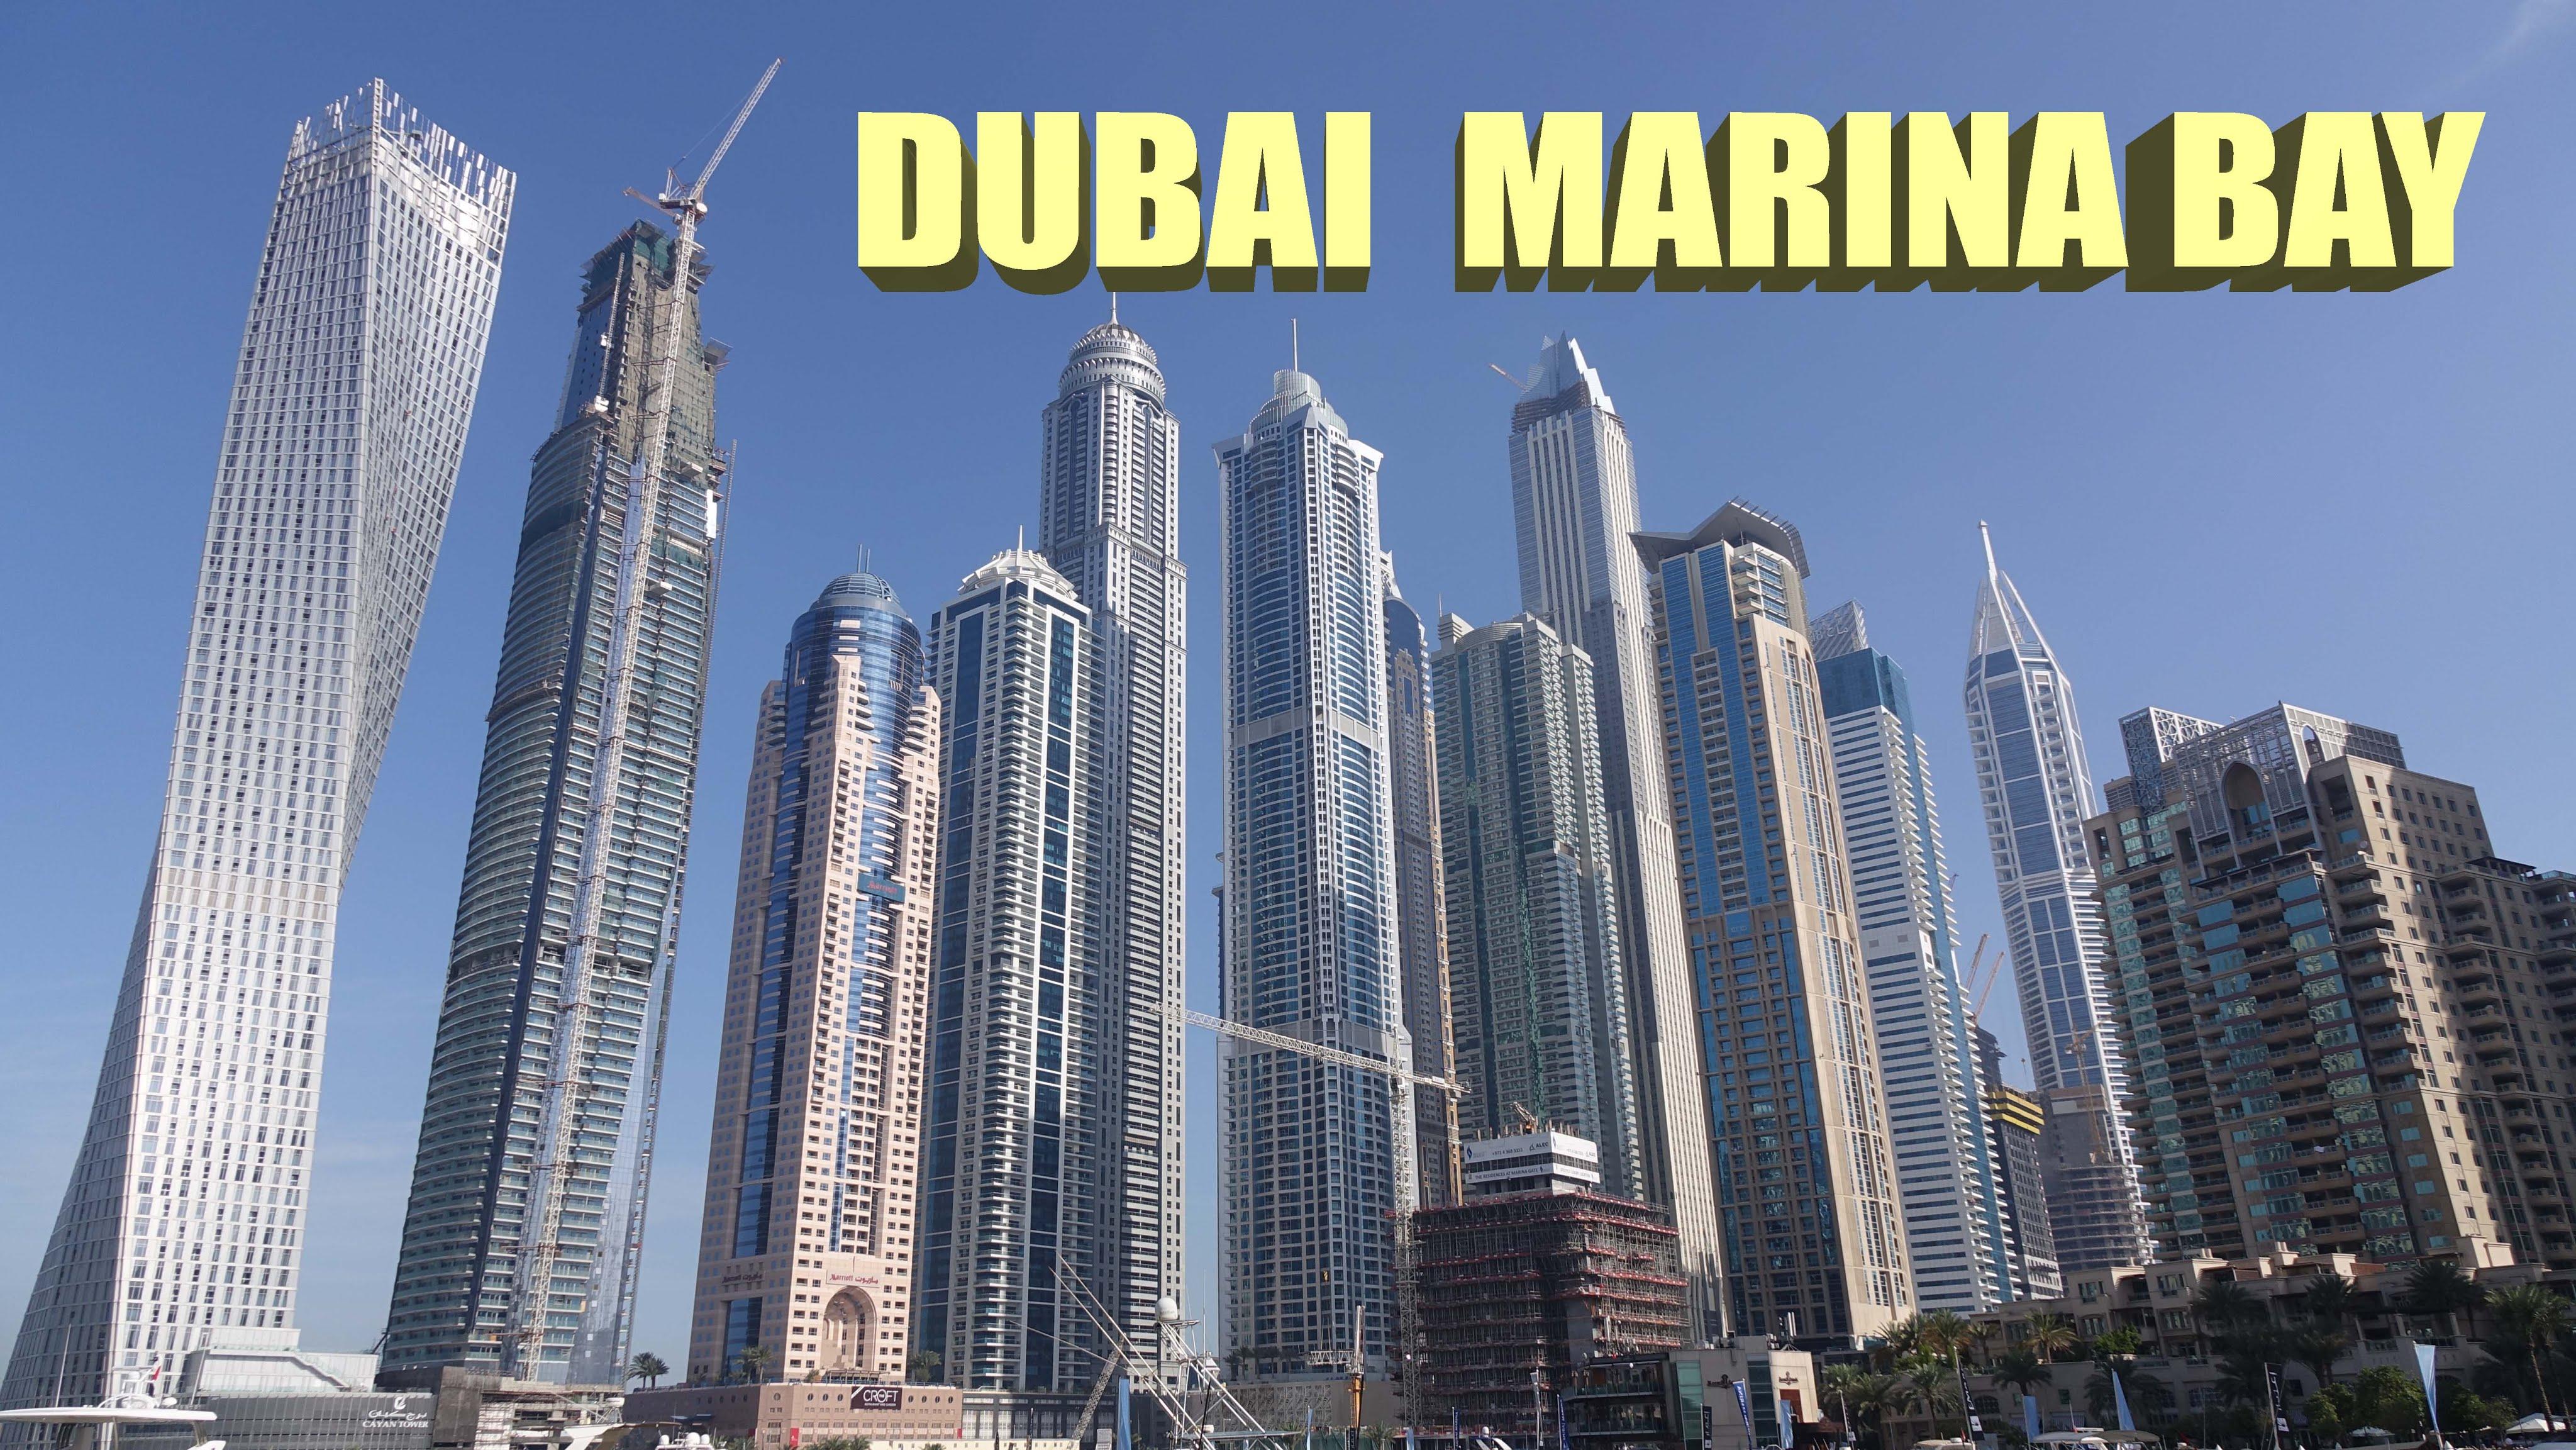 Dubai Marina Bay - Dubai 4K - YouTube